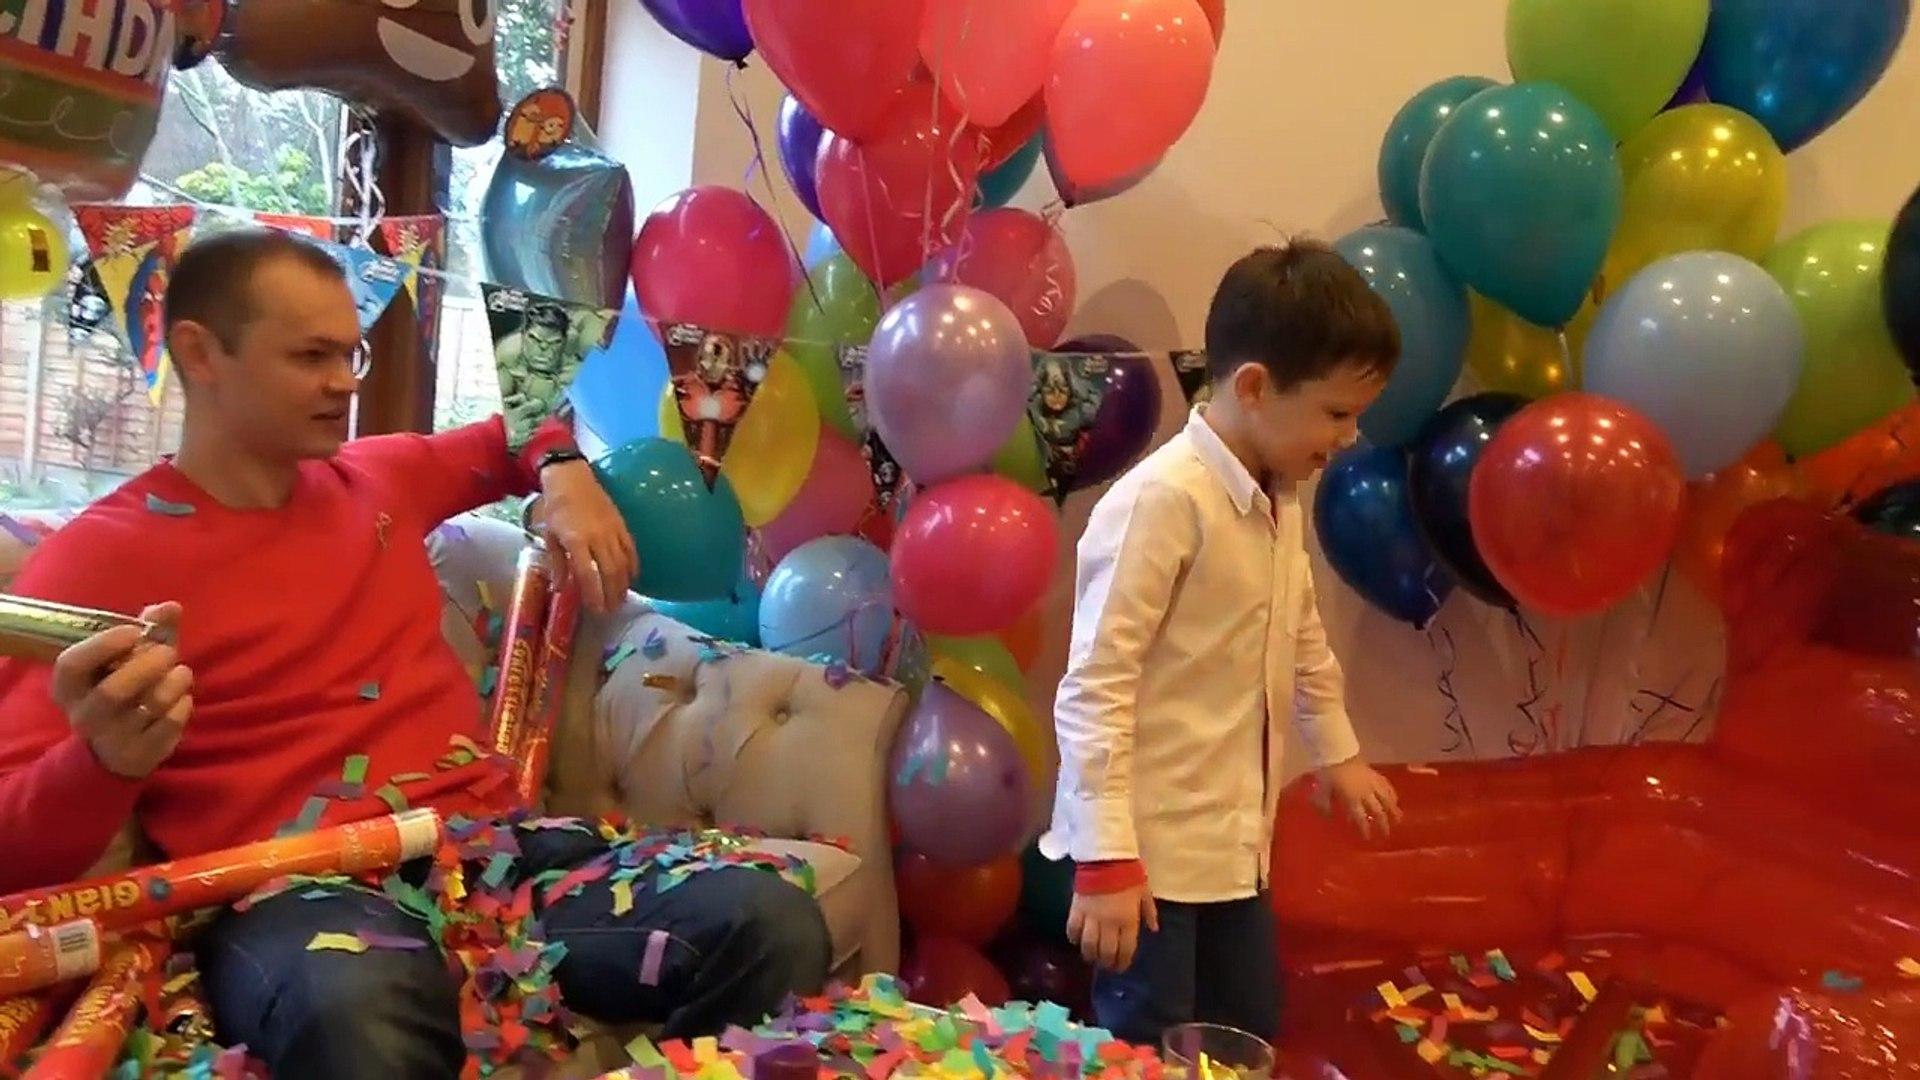 День рождения Макса 6 лет Гигантское Кресло Gummy Bear Все в полном шоколаде едем в Сadbury WORLD